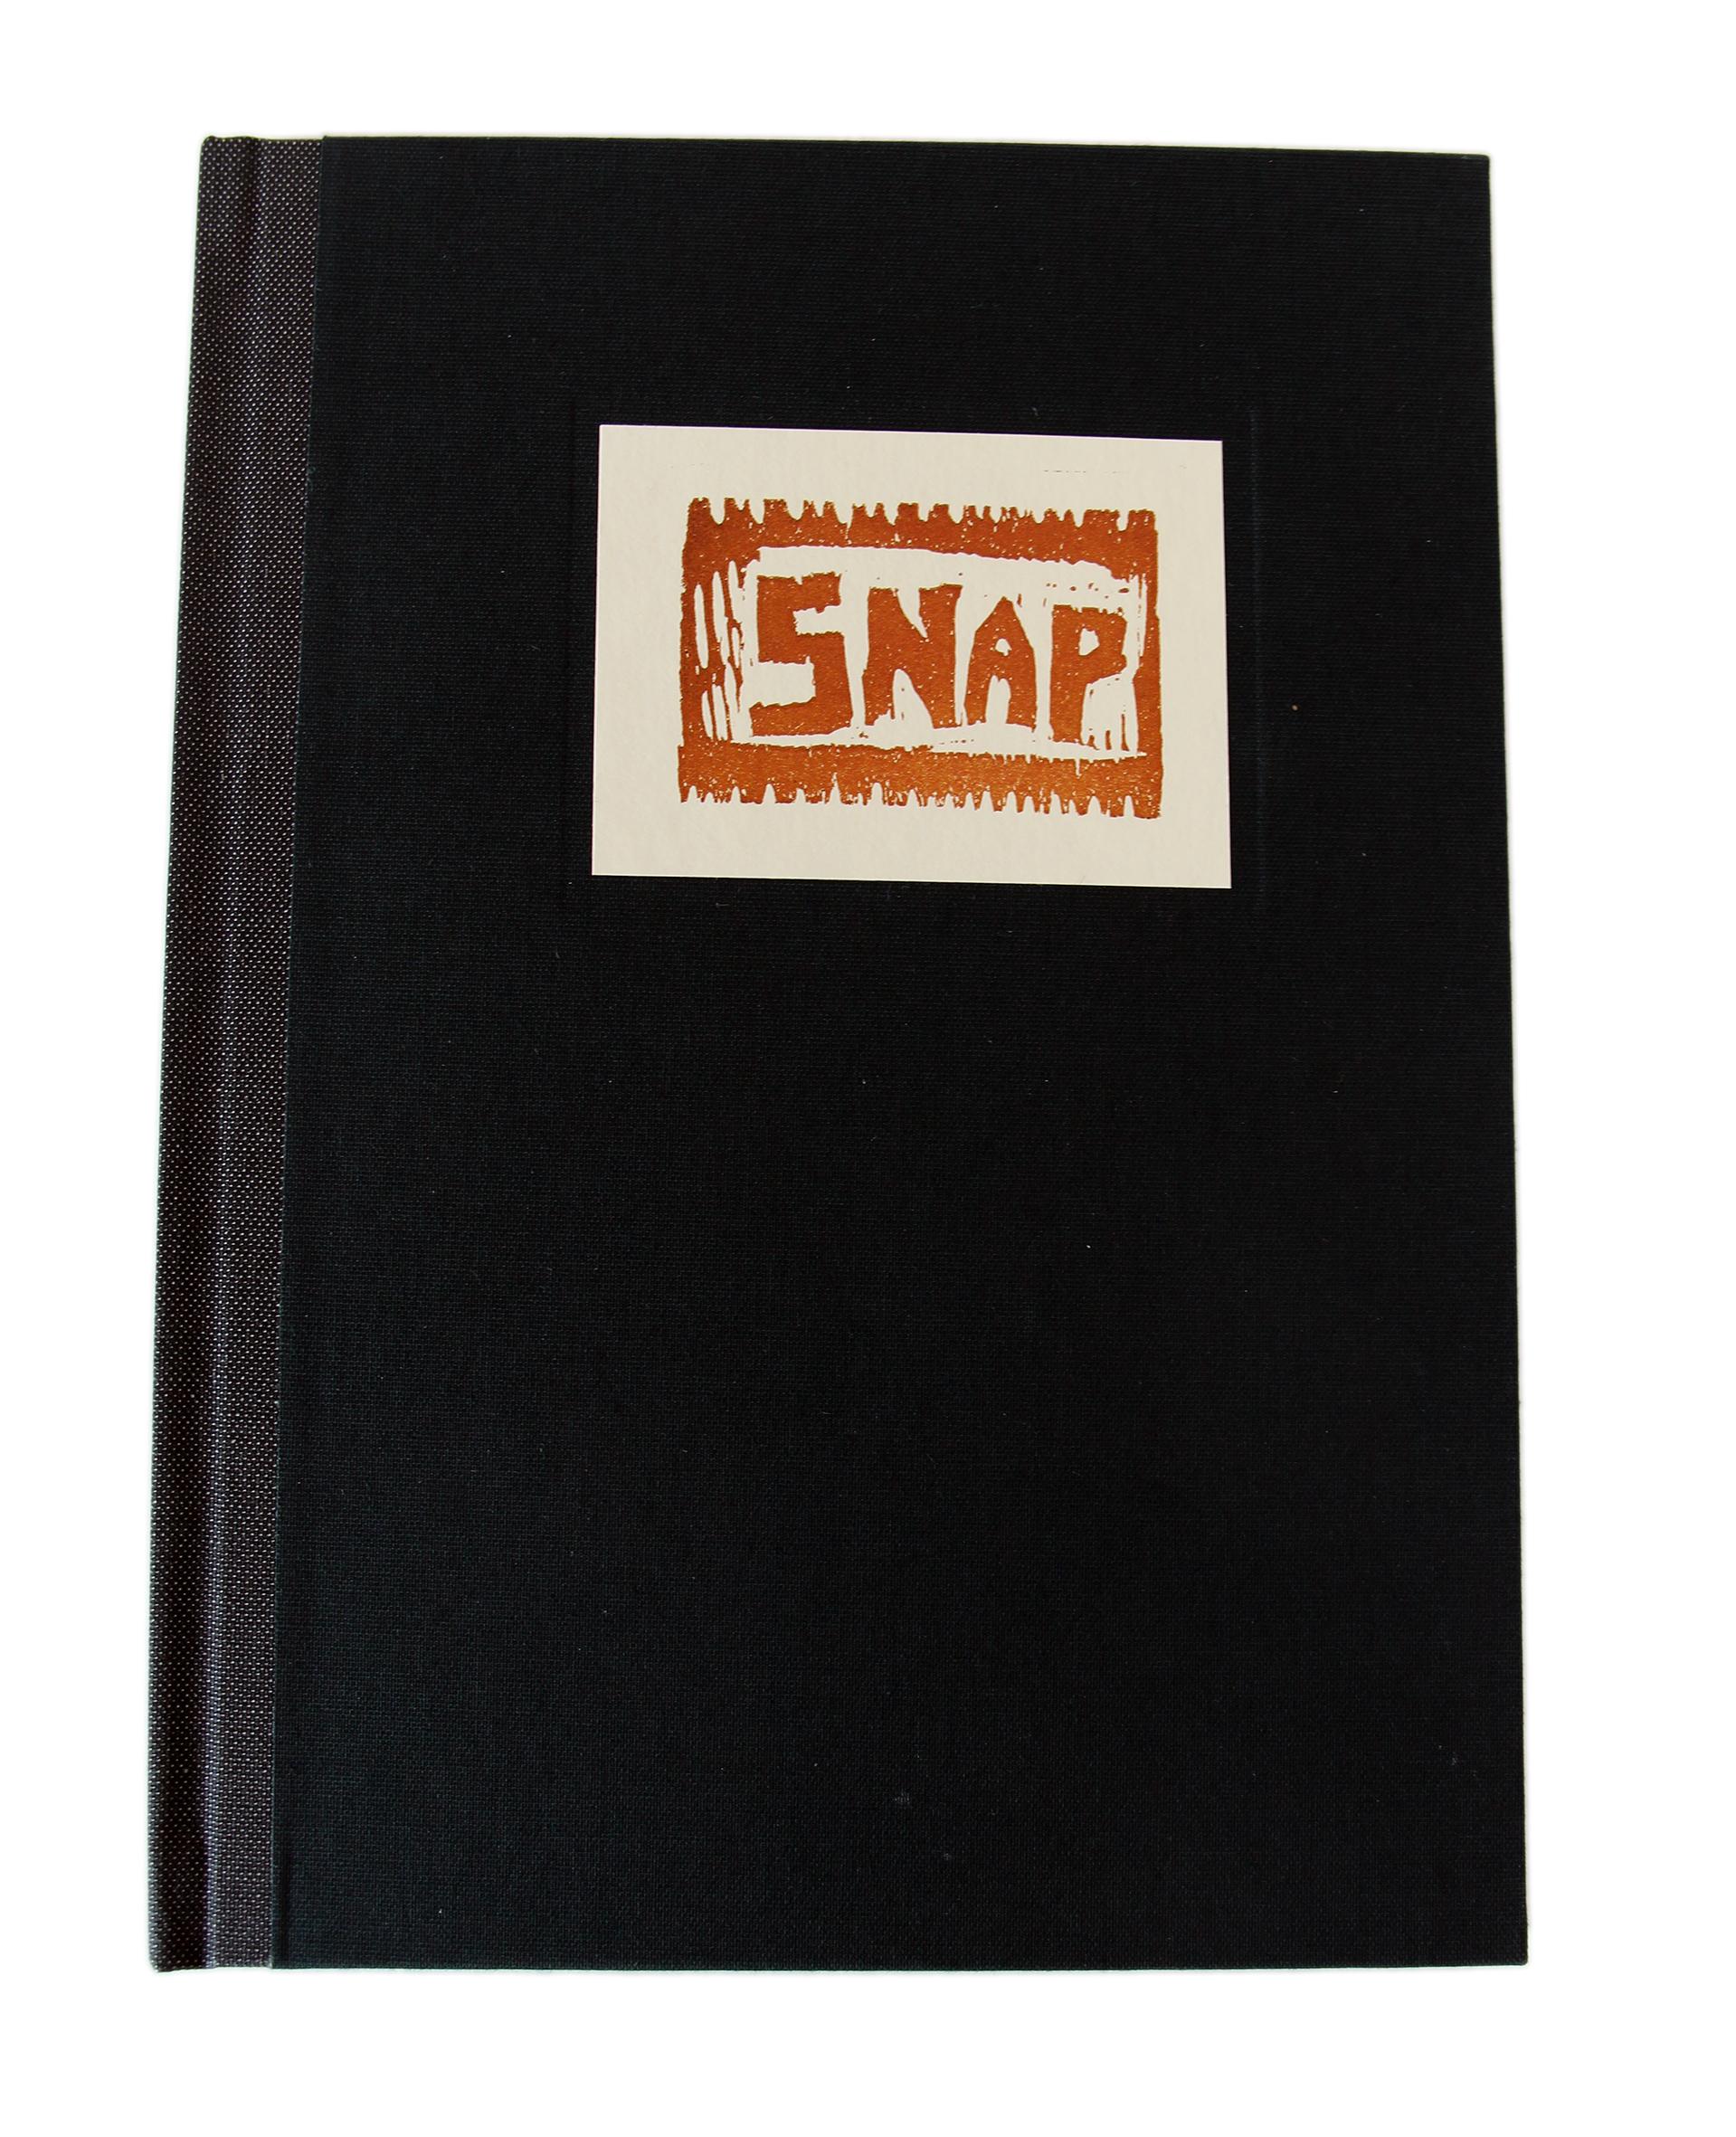 Poetry SNAP cover.jpg